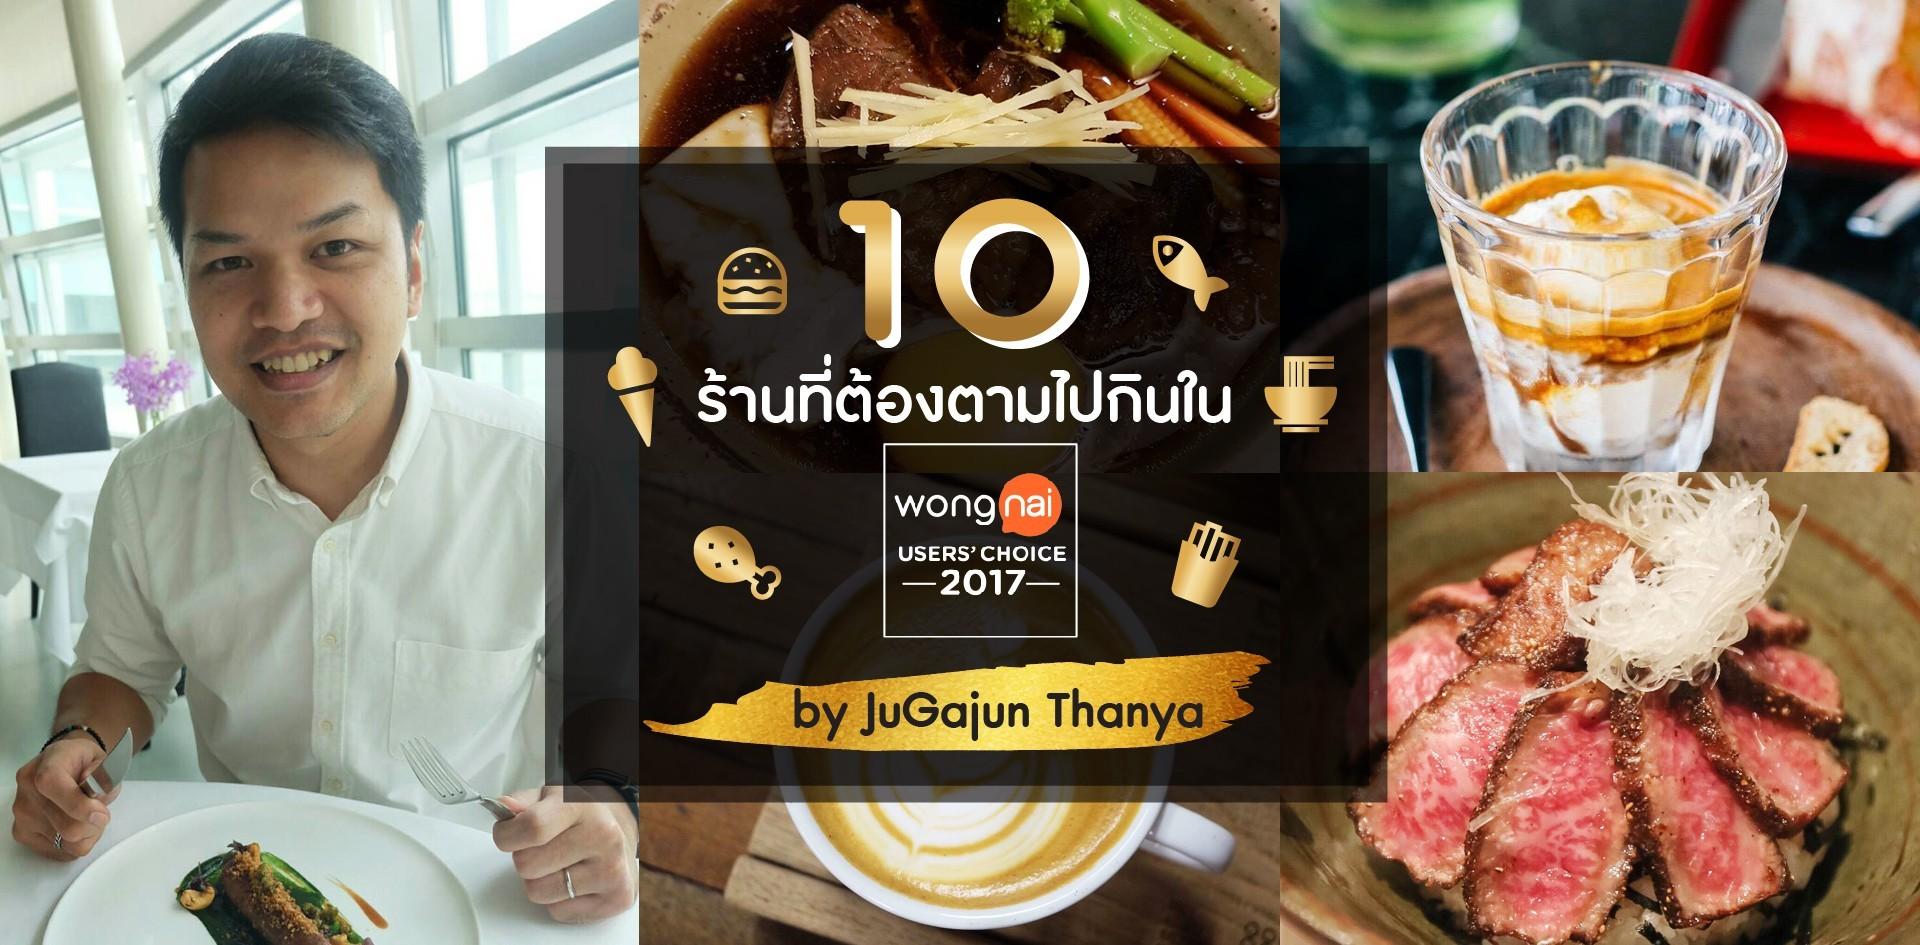 10 ร้านที่ต้องตามไปกินใน users' choice 2017 by JuGajun Thanya